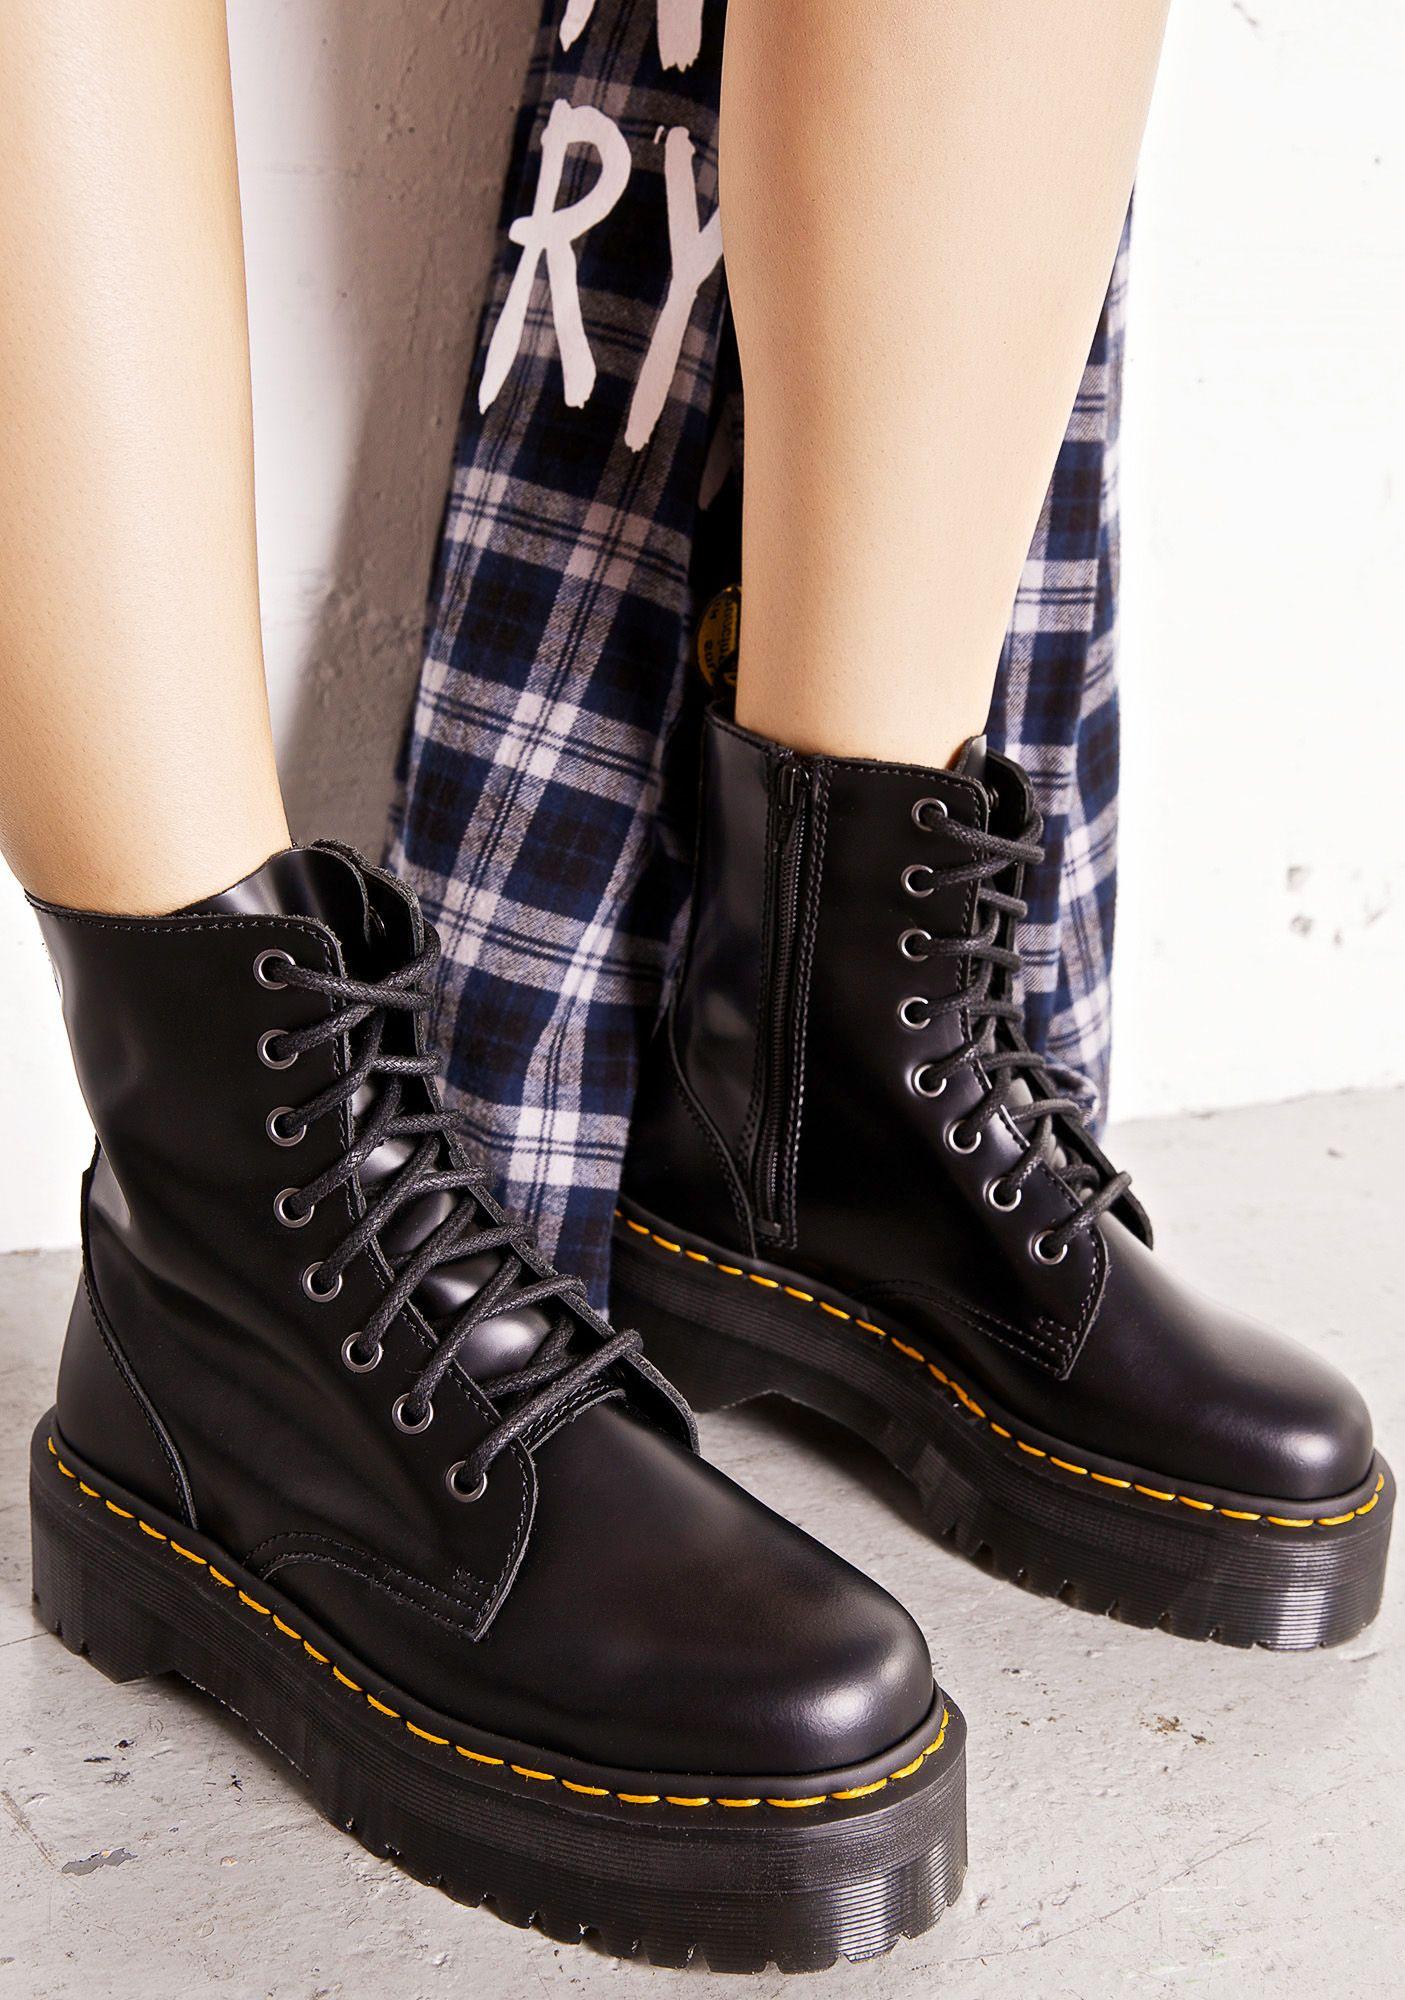 31451bda9e Shoes & Boots in 2019 | Shoes | Shoes, Boots, Dr martens jadon